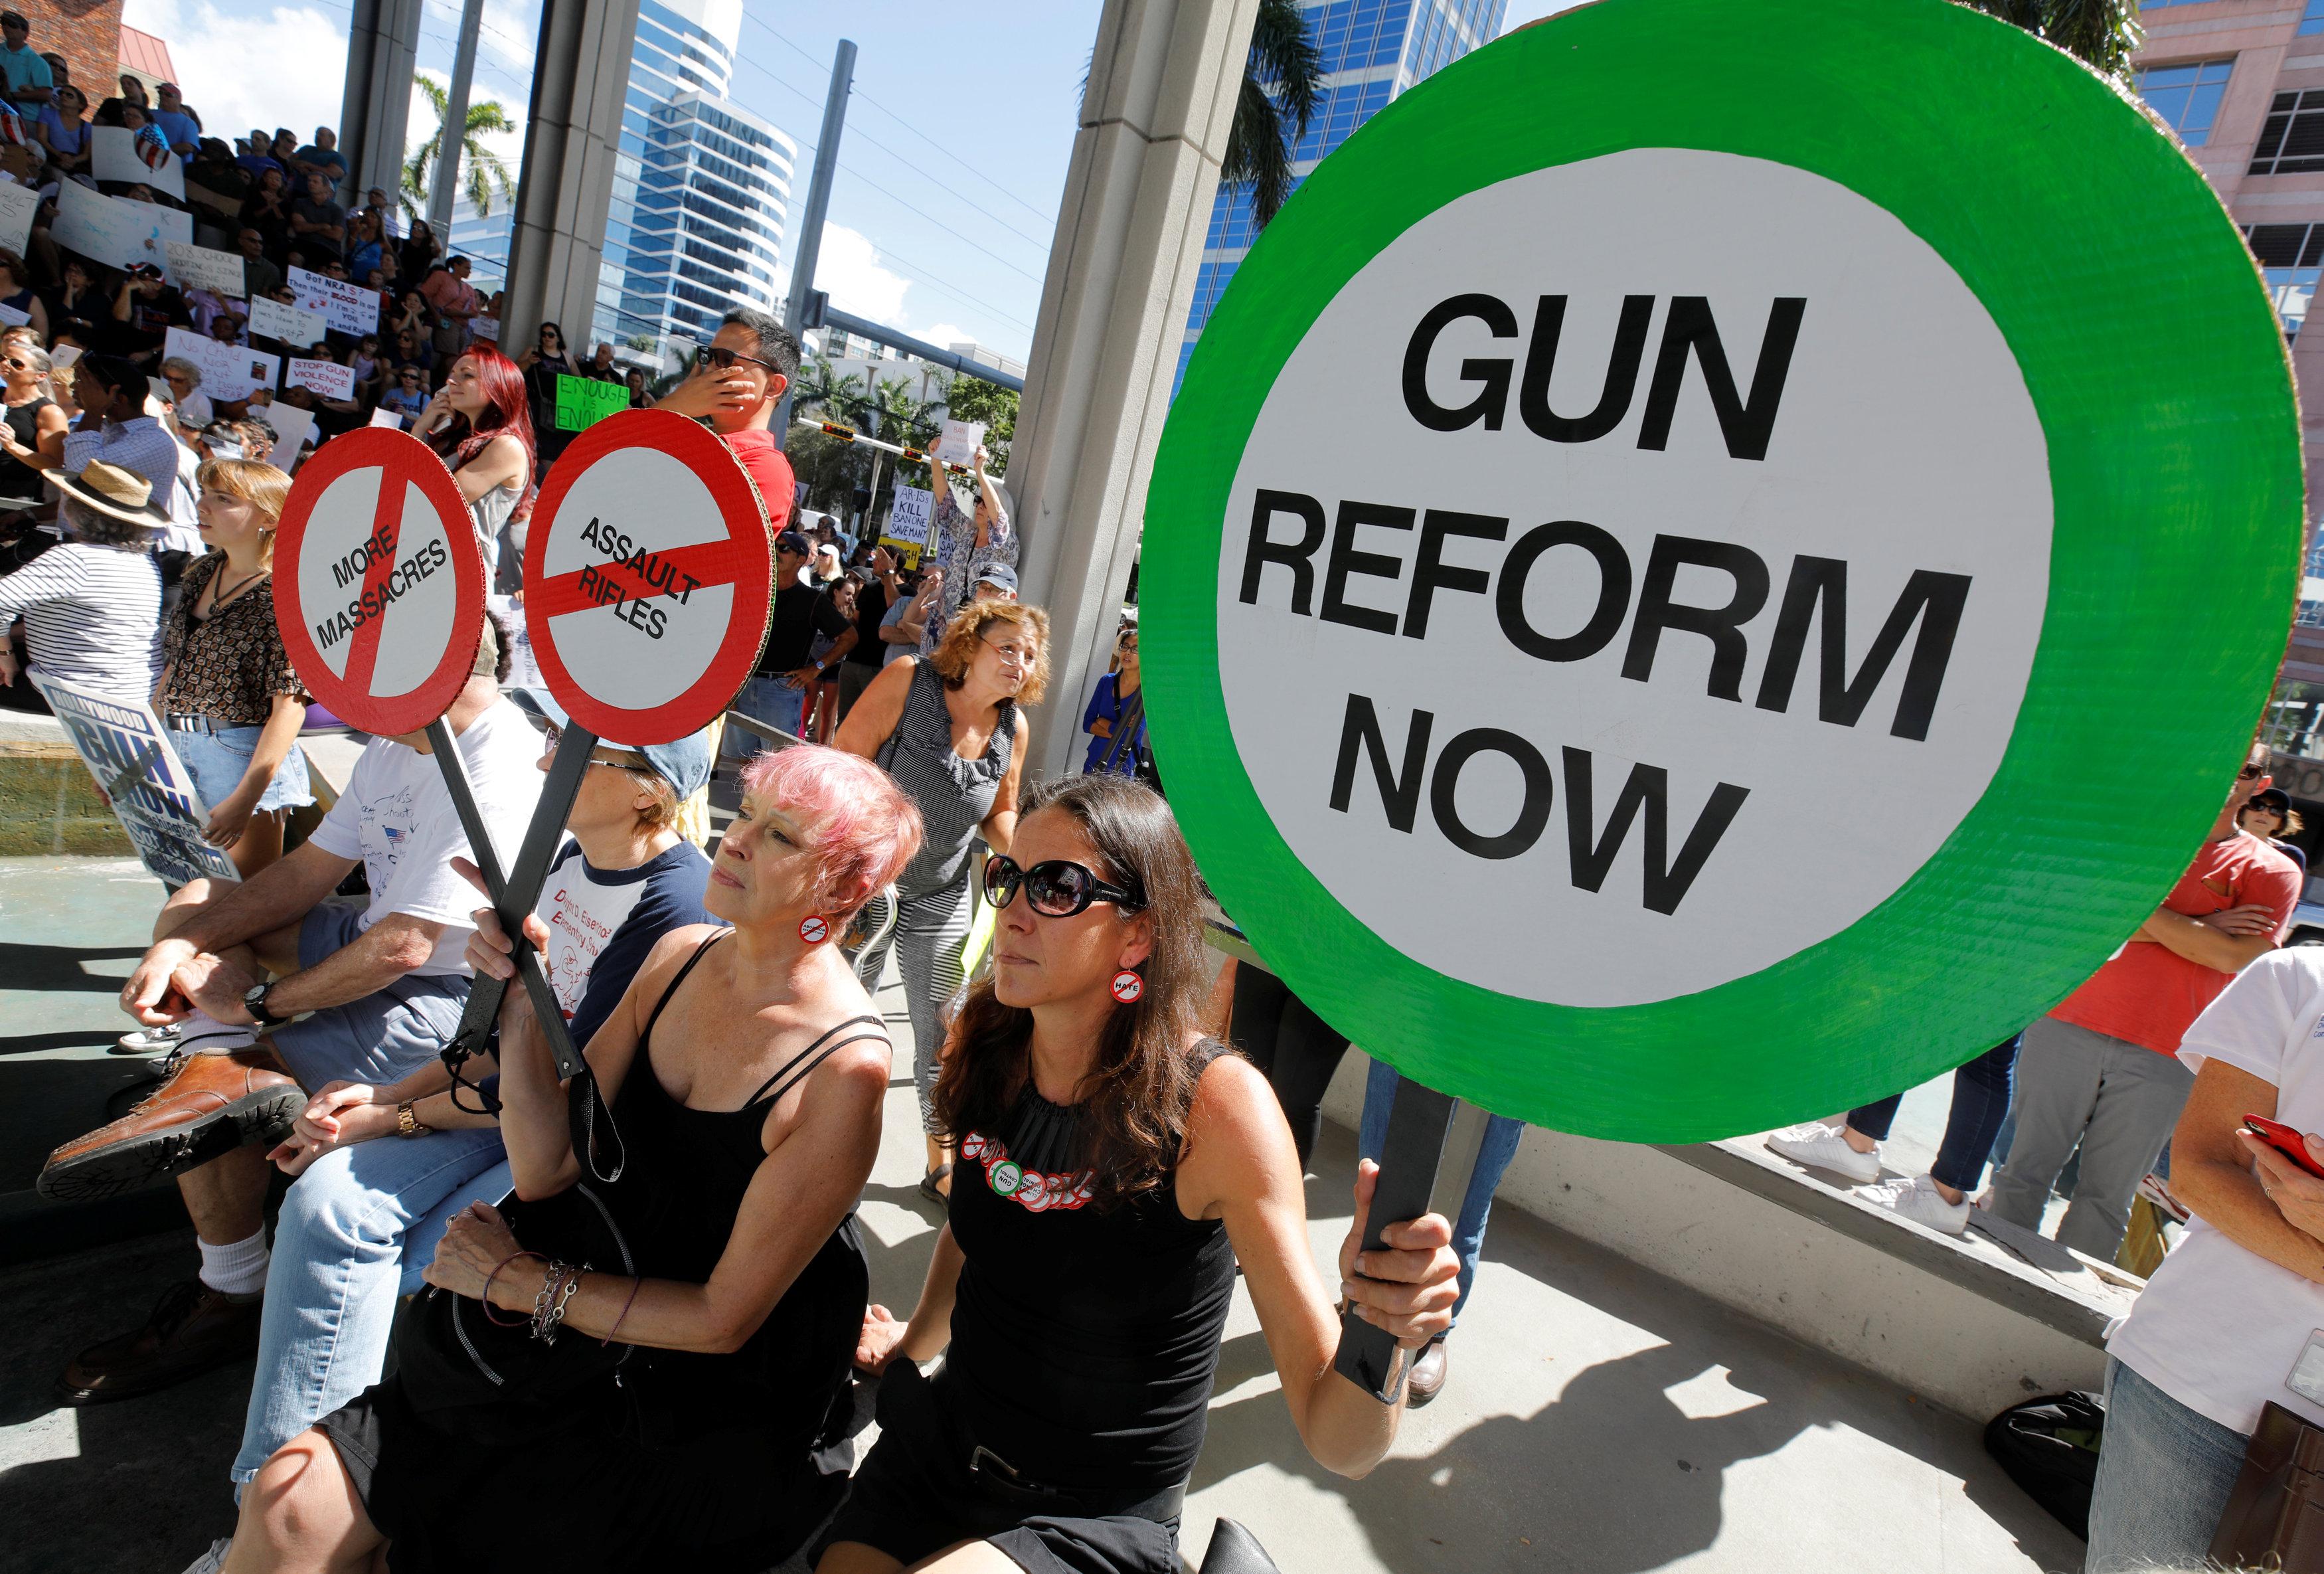 在佛州布羅瓦郡舉行的反槍集會,示威者要求立即進行槍枝政策改革。(路透)